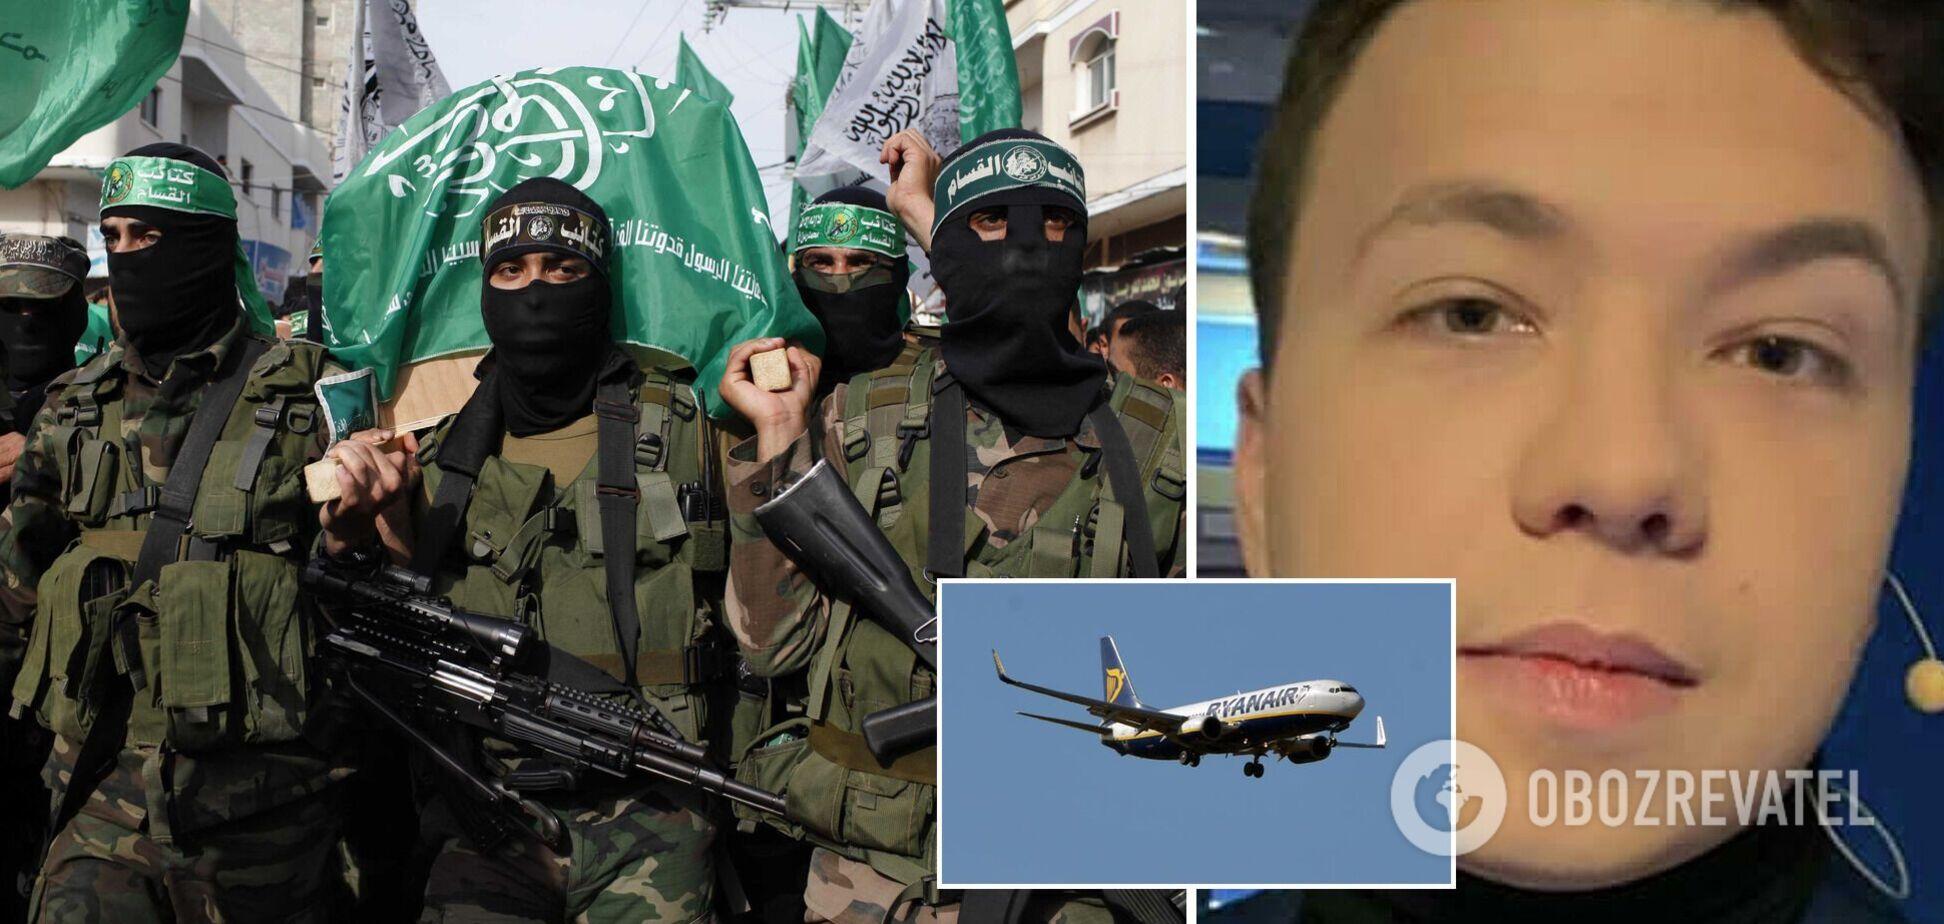 Угрозы от 'ХАМАС' поступили позже, чем пилотам Ryanair сообщили о бомбе – расследование